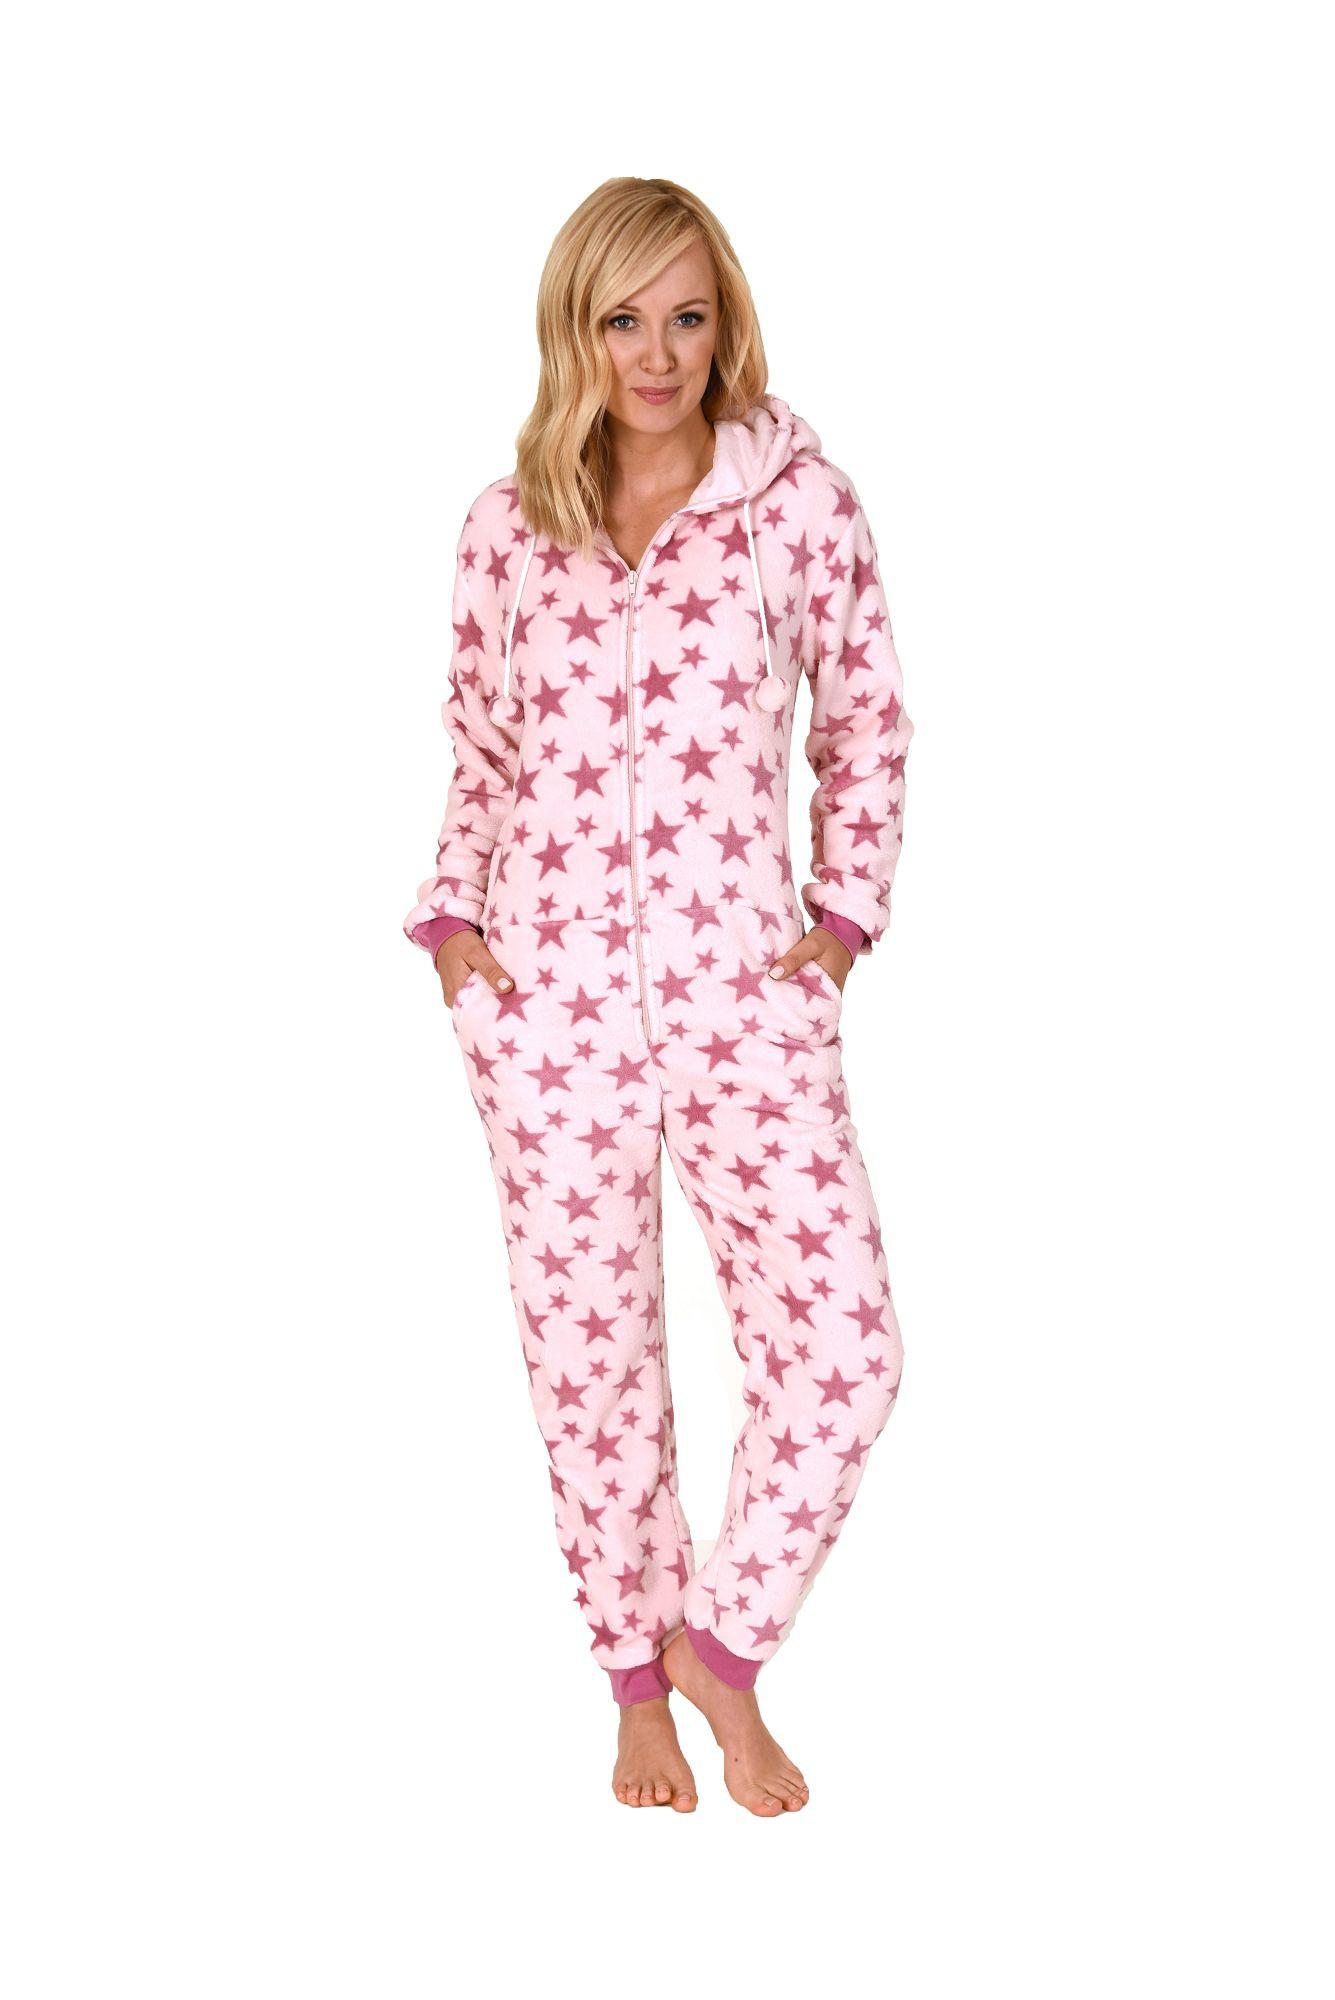 toller damen schlafanzug einteiler jumpsuit onesie overall langarm 271 267 97 001 w scheland. Black Bedroom Furniture Sets. Home Design Ideas